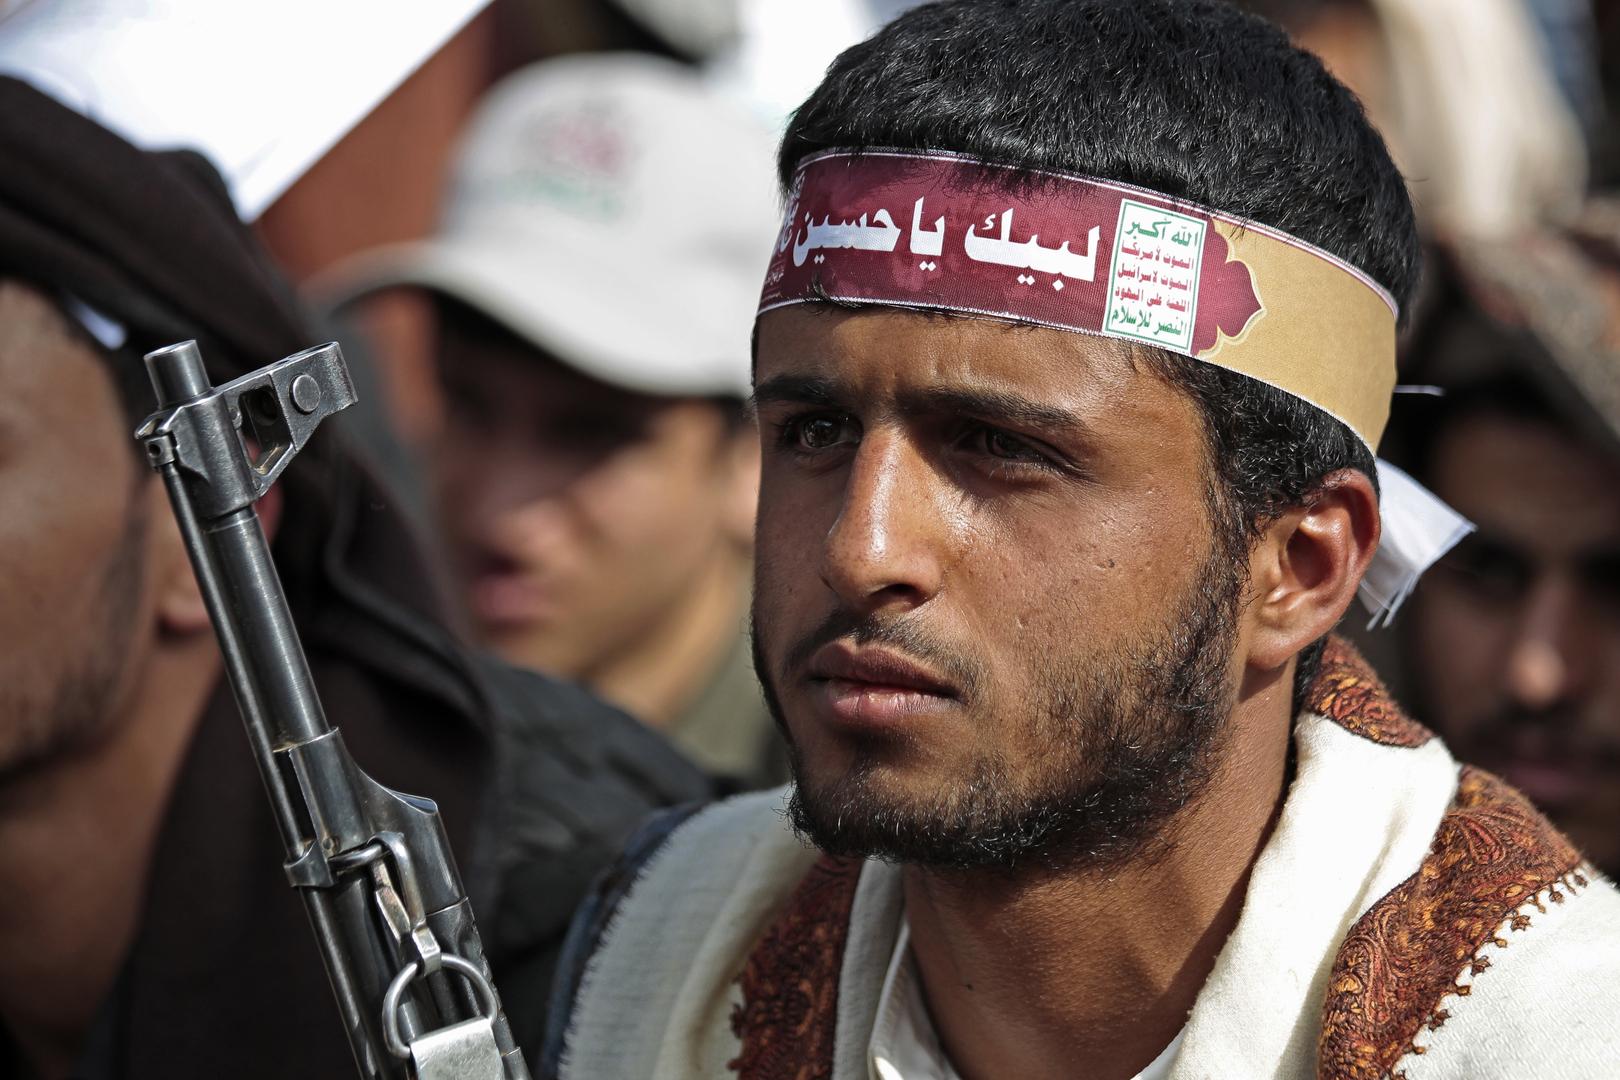 الحوثيون يعدمون 9 متهمين بالمساعدة في قتل رئيسهم الصماد